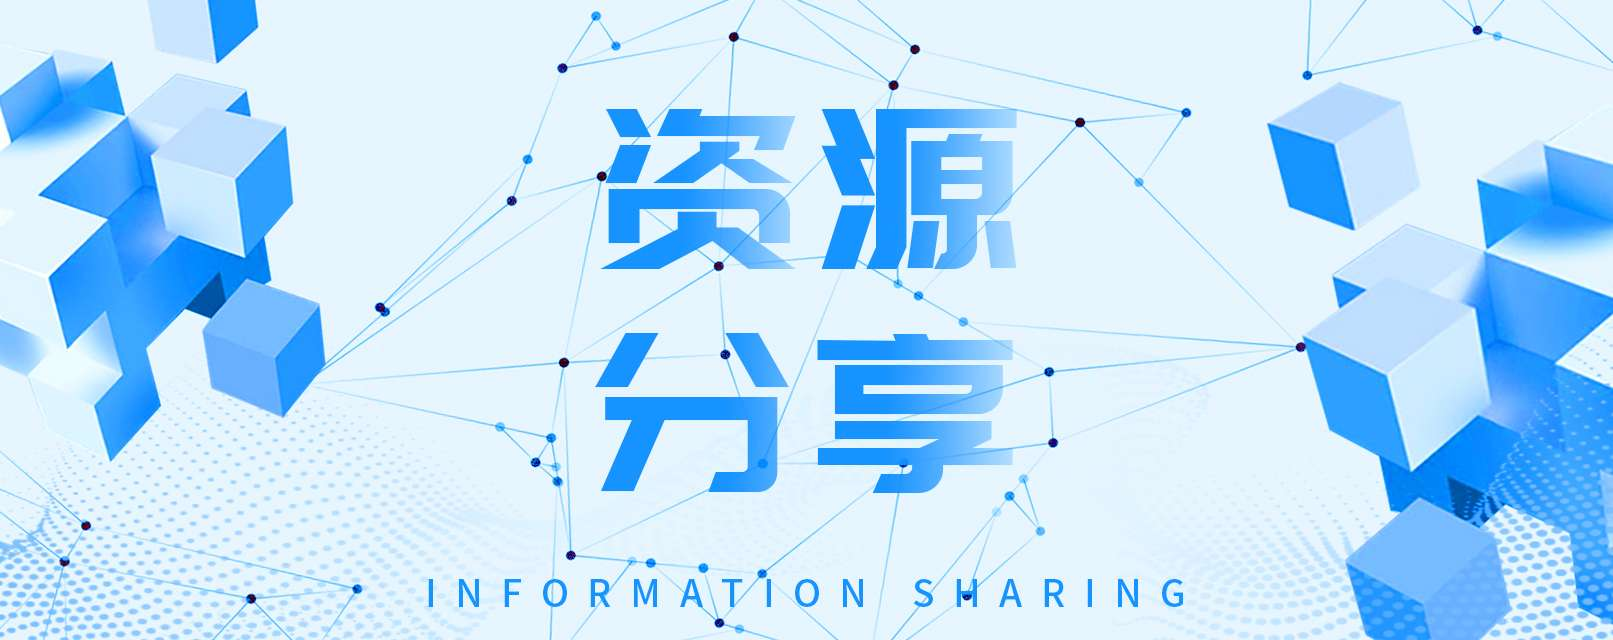 【资源分享】微信零钱截图生成器(一键生成哟,装逼必备)